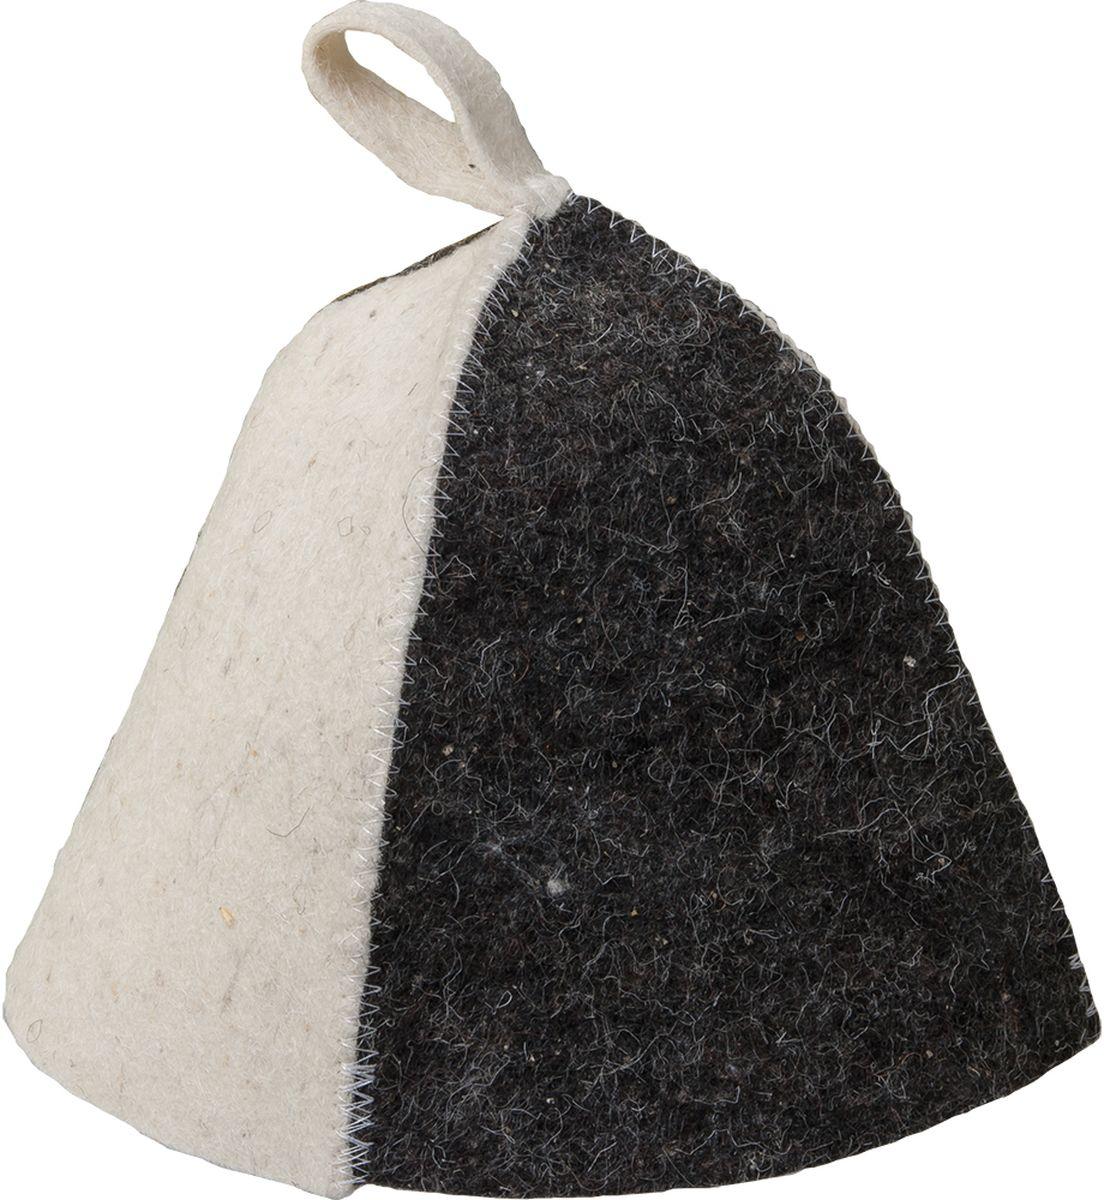 Шапка для бани и сауны Hot Pot Комби40633Шапка для бани и сауны Hot Pot — это необходимый аксессуар при посещении парной. Такая шапка защитит от головокружения и перегрева головы, а также предотвратит ломкость и сухость волос. Изделие замечательно впитывает влагу, хорошо сидит на голове, обеспечивает комфорт и удовольствие от отдыха в парилке. Незаменима в традиционной русской бане, также используется в финских саунах, где температура сухого воздуха может достигать 100°С. Шапка выполнена в классическом дизайне и дополнена петлей для подвешивания на крючок.